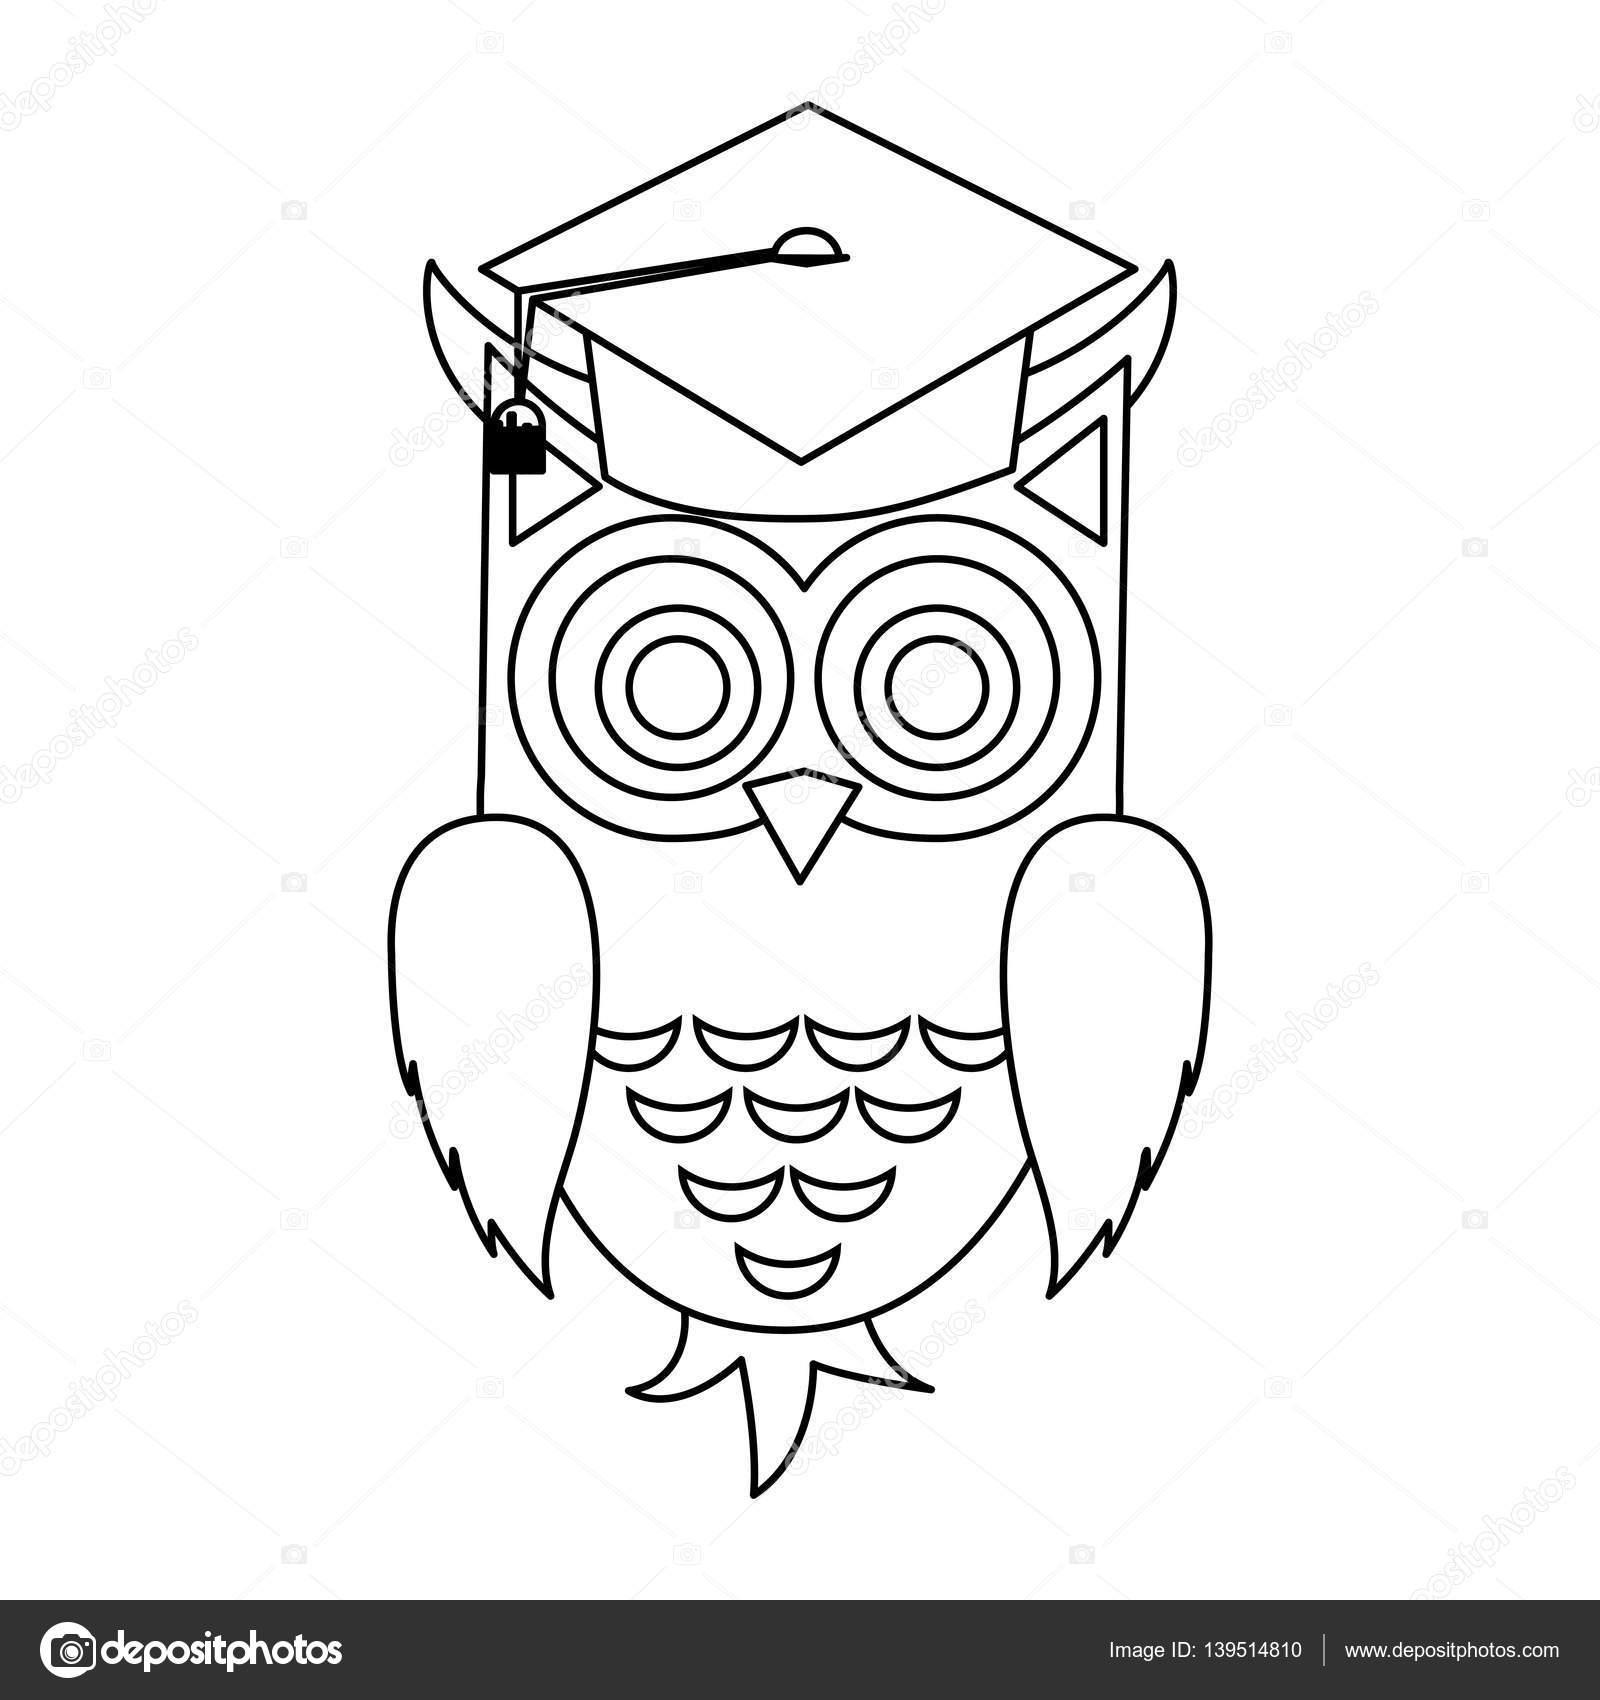 2a74a5dfc99 Buho con el casquillo de la graduación sobre fondo blanco ilustración de  vector de jemastock jpg